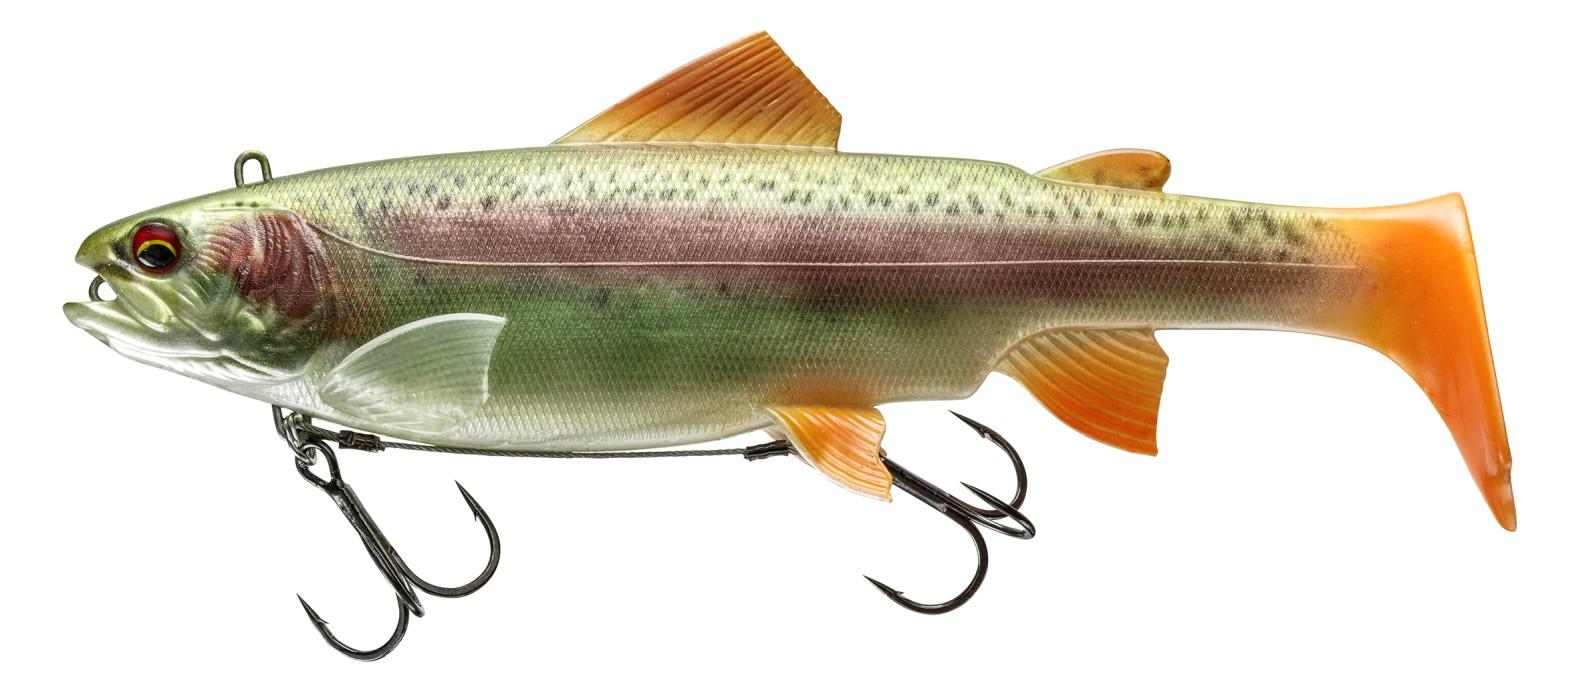 Prorex Trout SB 250DF Live R Trout